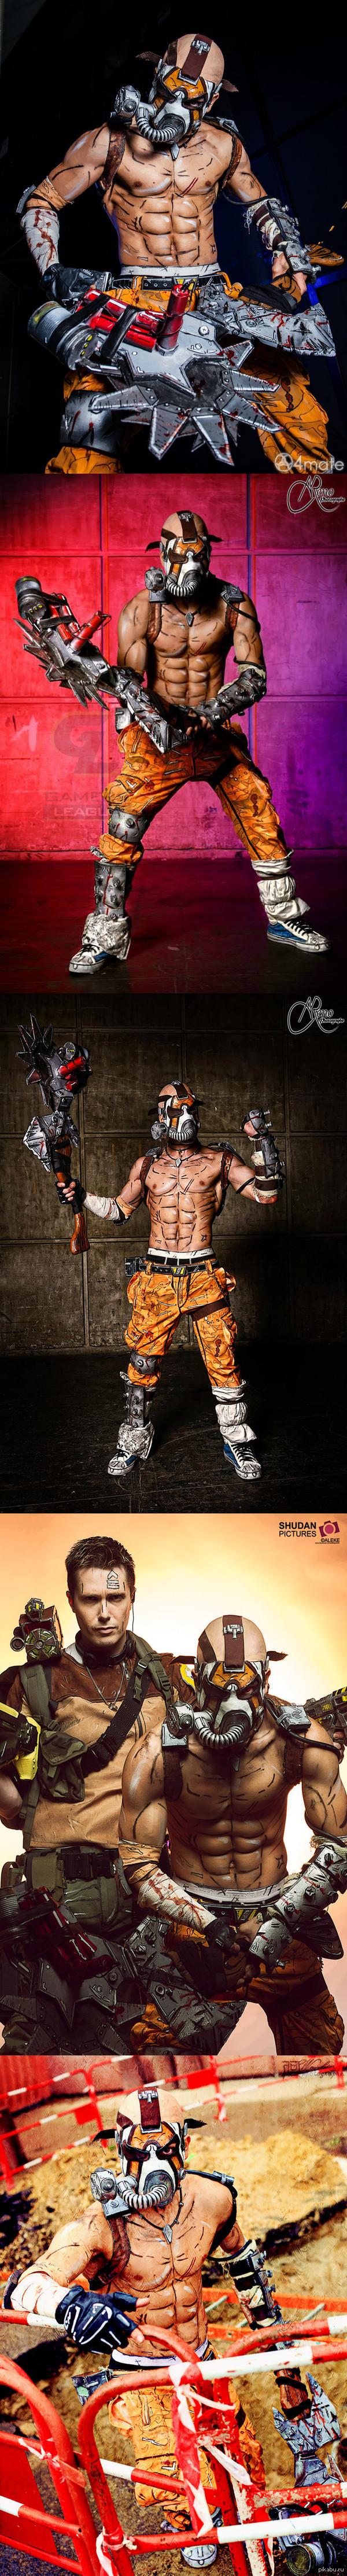 Psycho  Cosplay ( Borderlands 2) Пожалуй, лучший косплей на данного персонажа.     Косплеер: LeonChiro